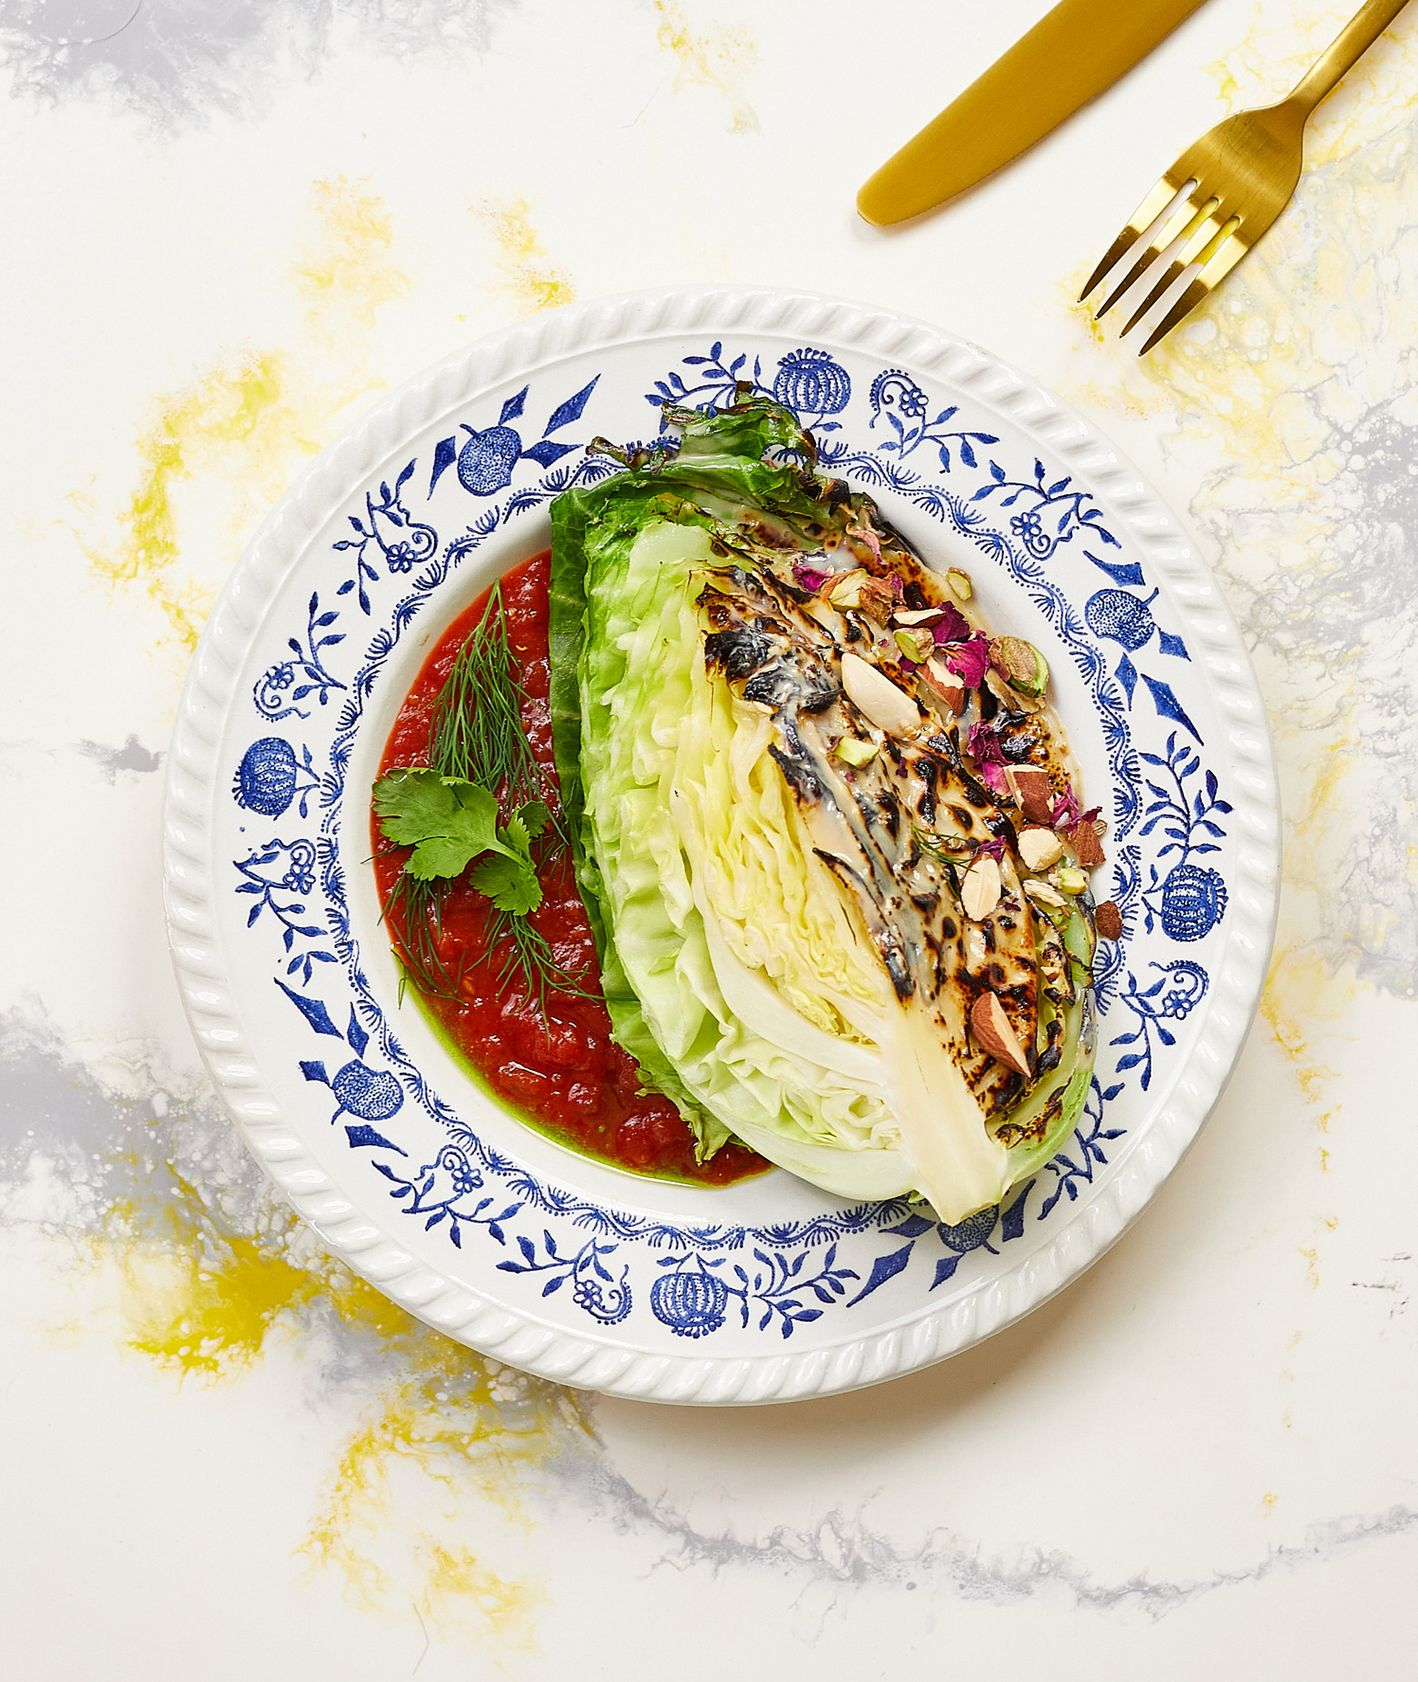 Bibenda. Palona kapusta w korzennym sosie pomidorowym z karmelizowaną tahiną (fot. Maciek Niemojewski)